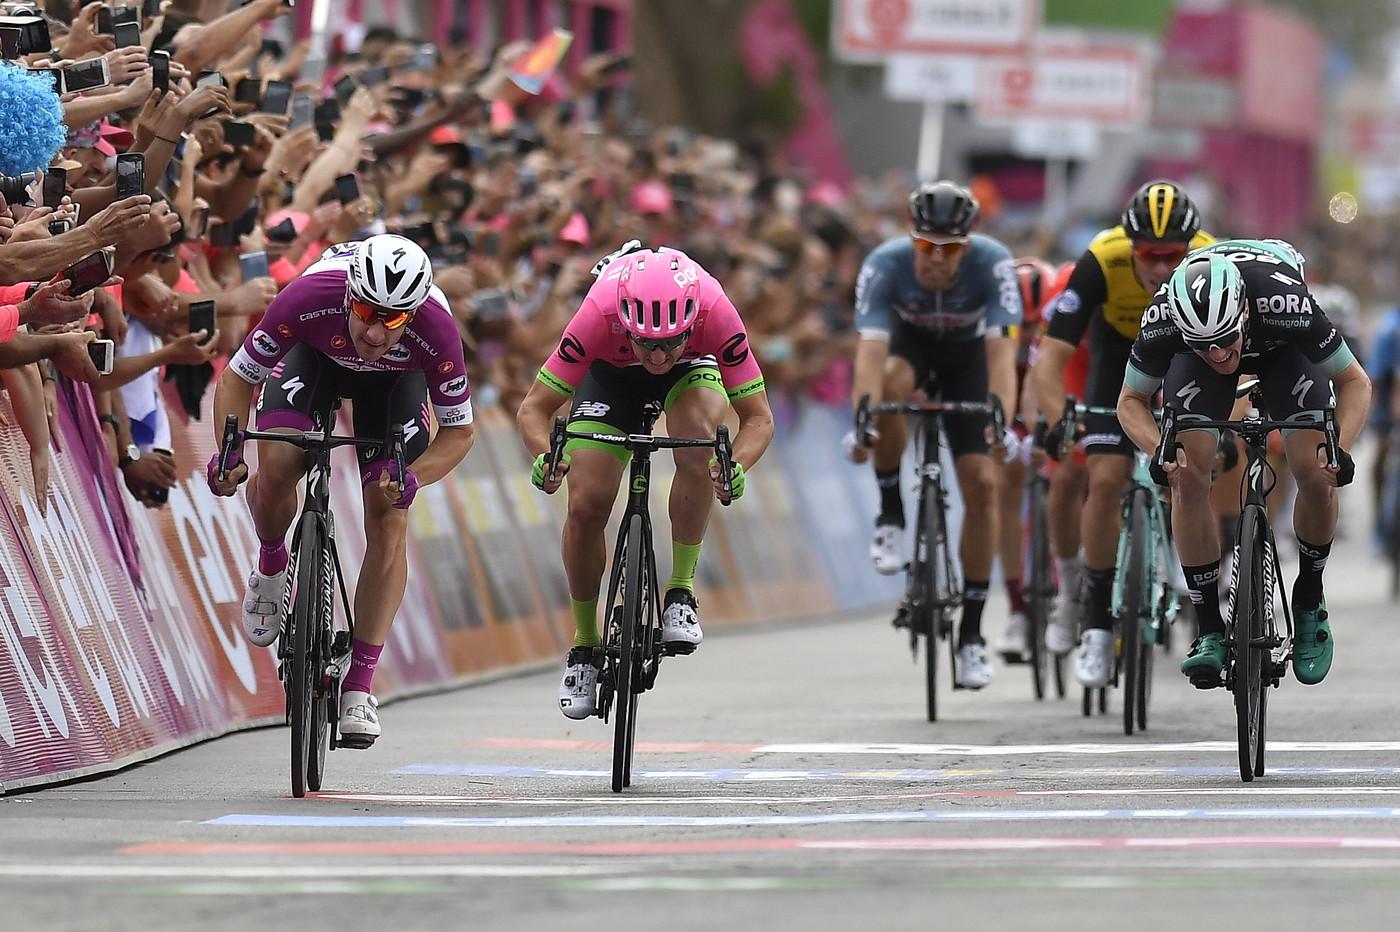 Viviani wins Stage 3 in Eilat